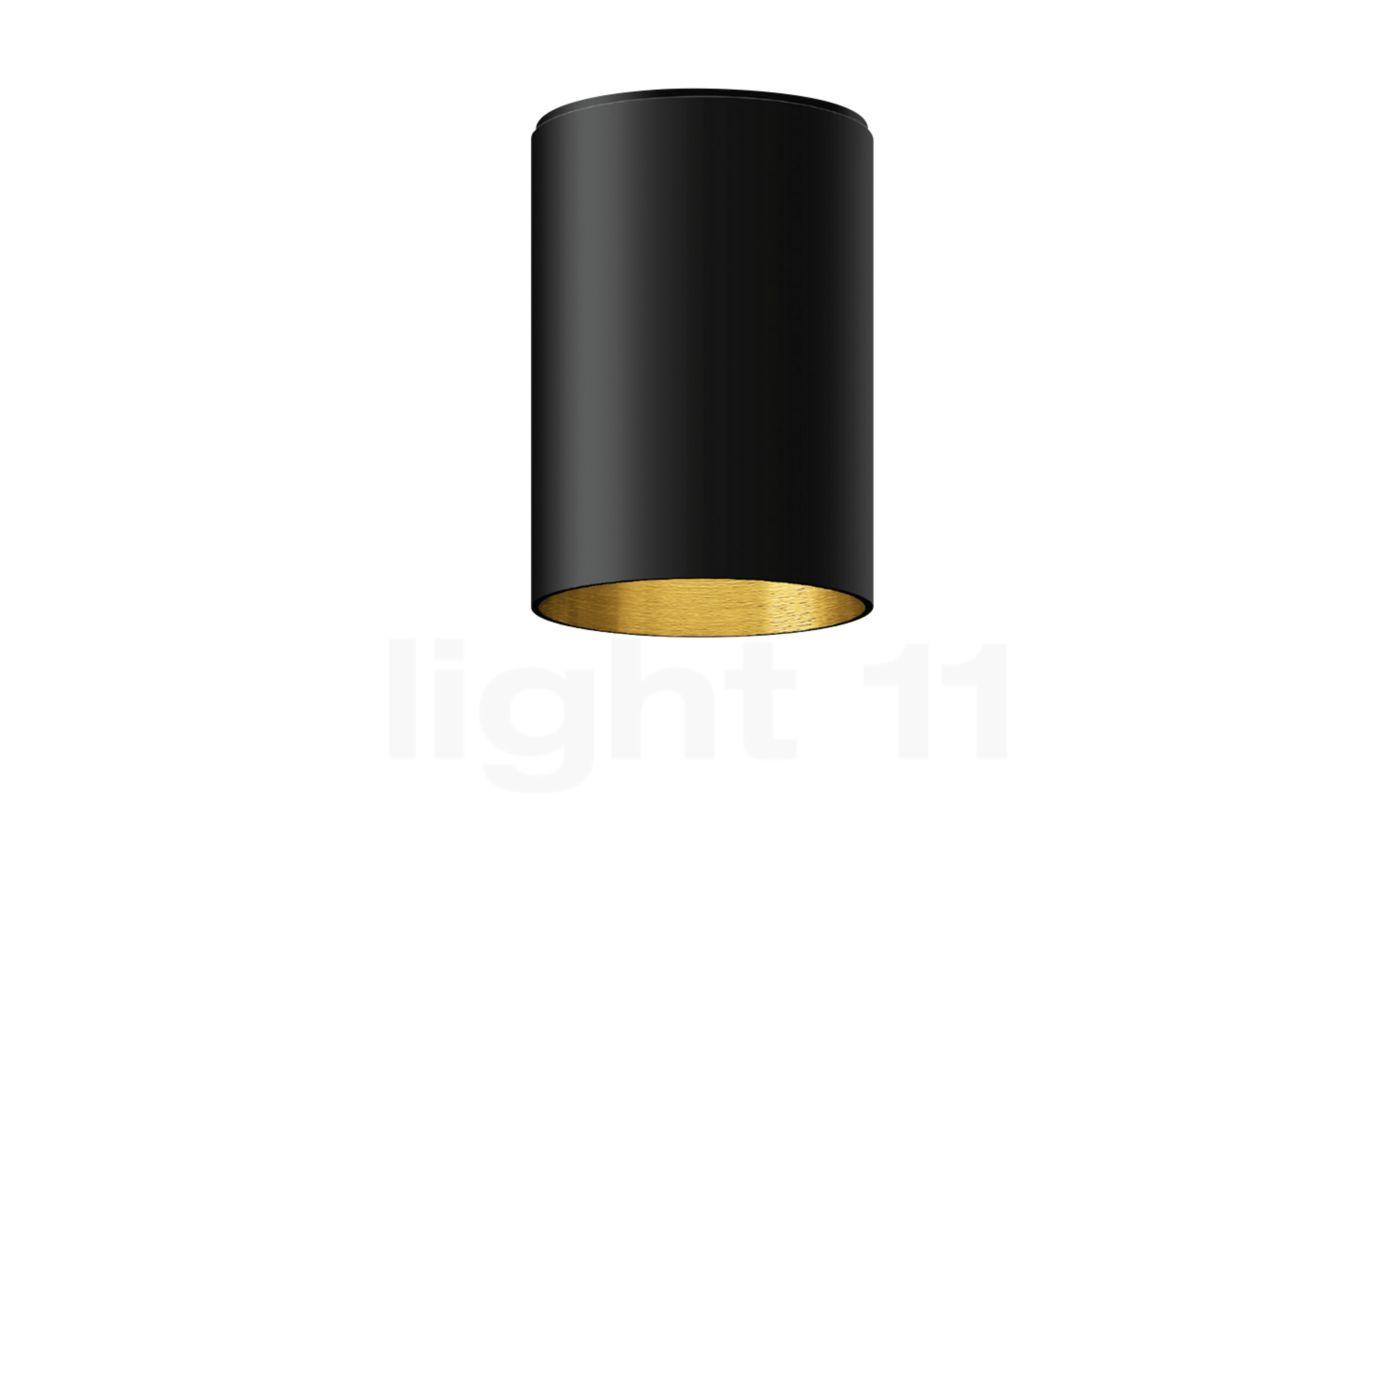 Schön Messing Deckenlampe Dekoration Von Bega Indoor Studio Line Led-deckenleuchte Zylindrisch Kaufen